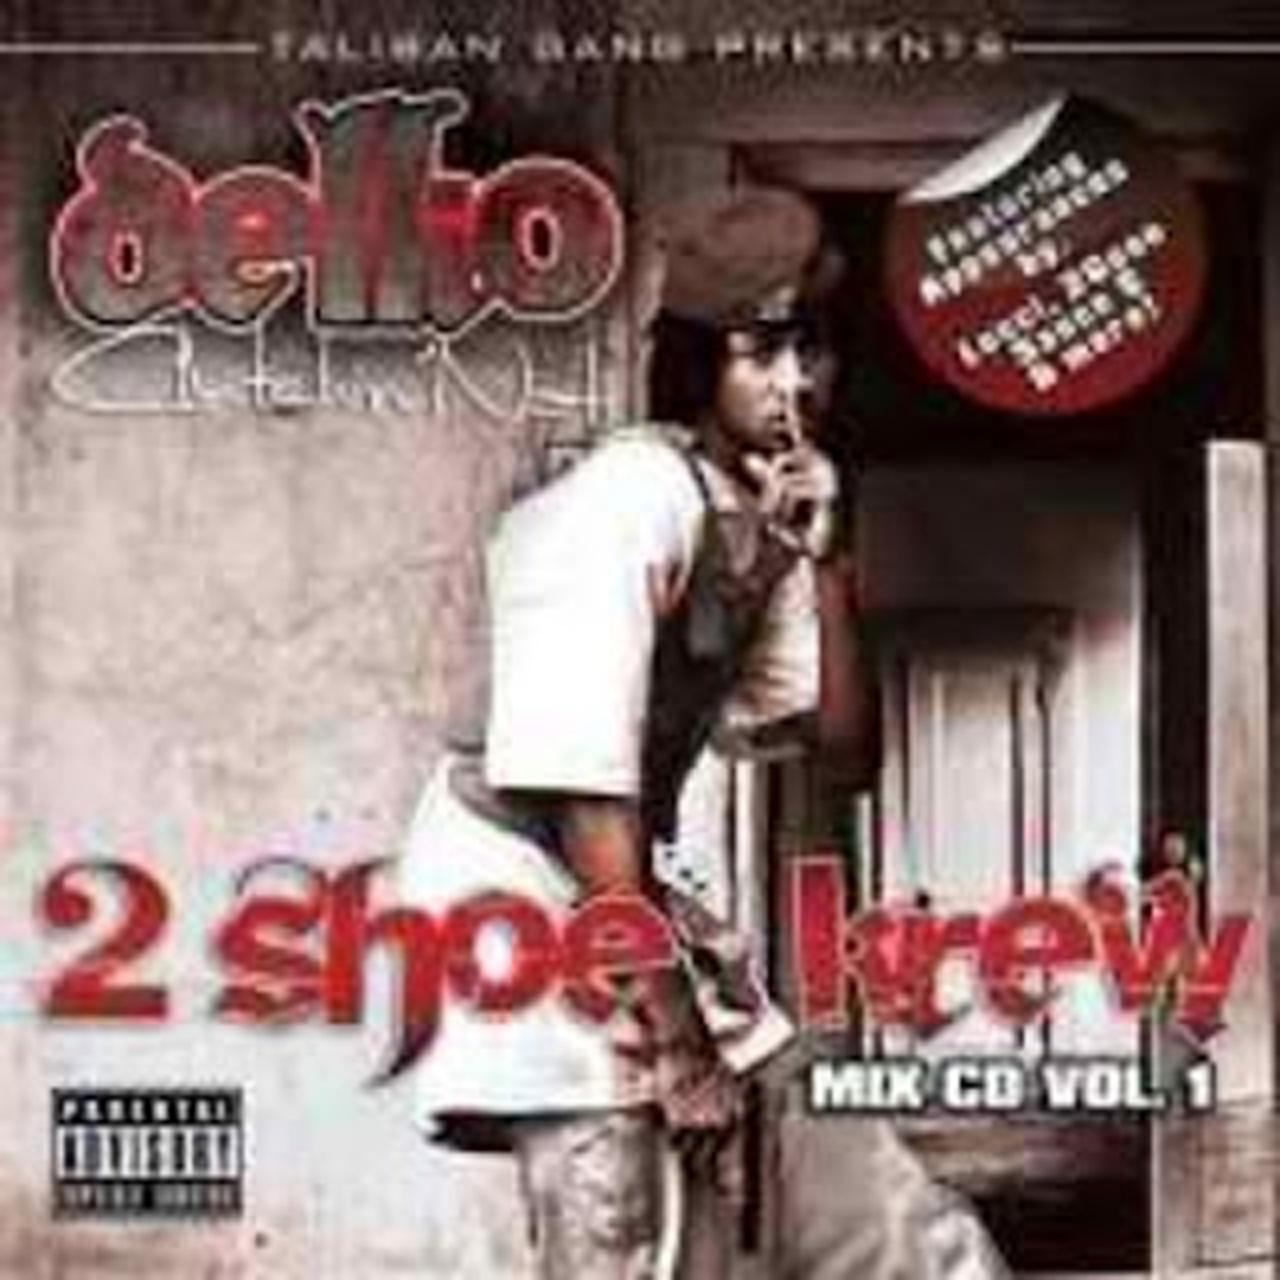 Dellio – 2 Shoe Krew Vol1